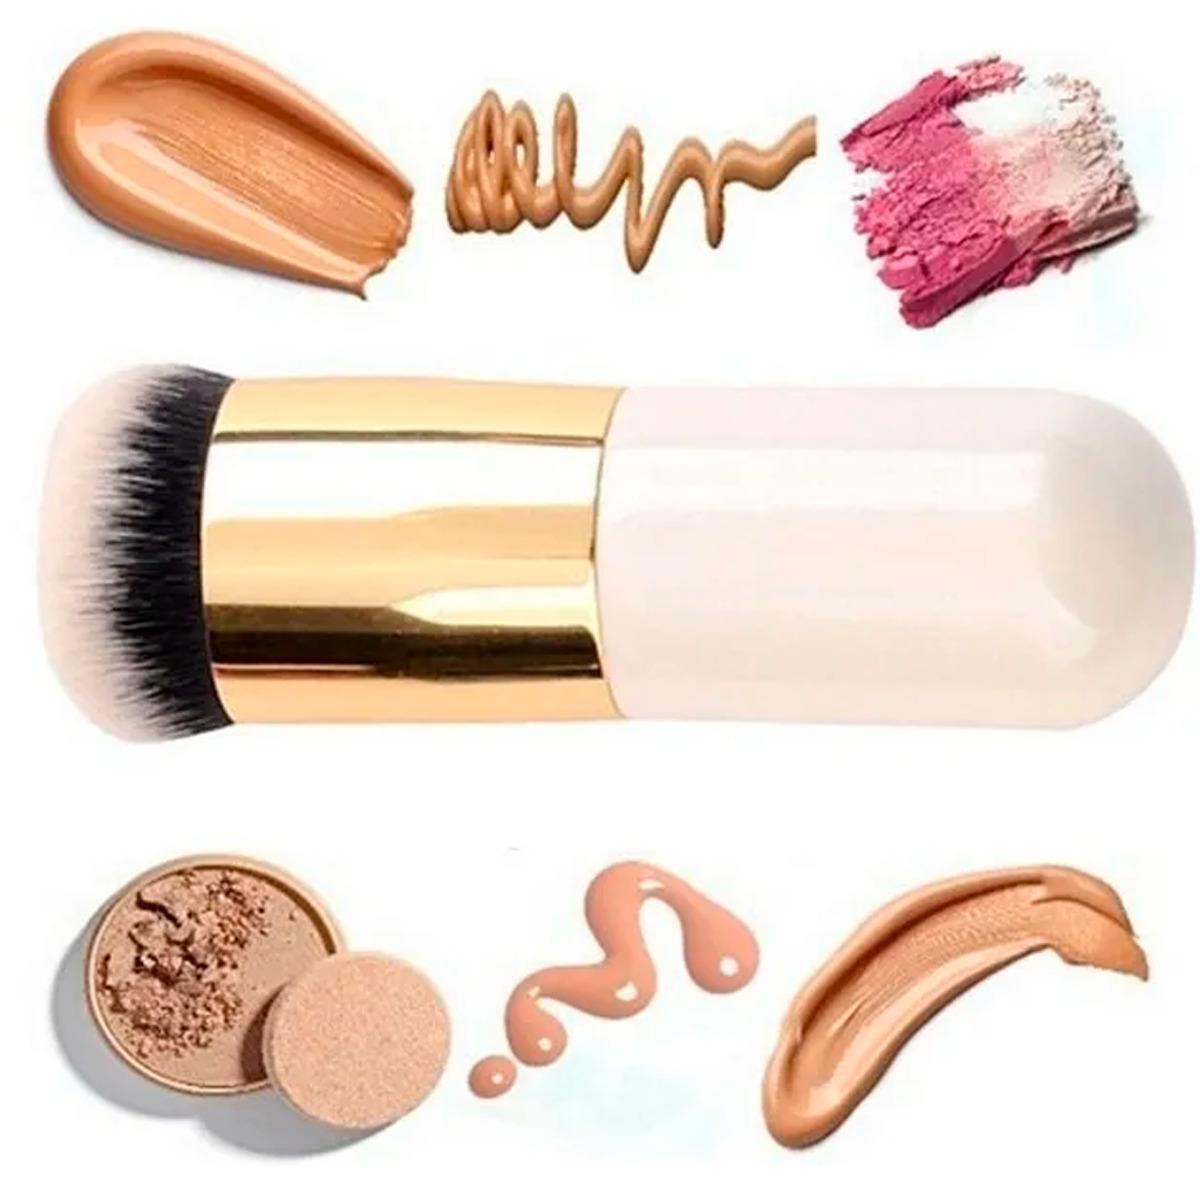 Brocha Kabuki Para Maquillaje Mineral Compacto